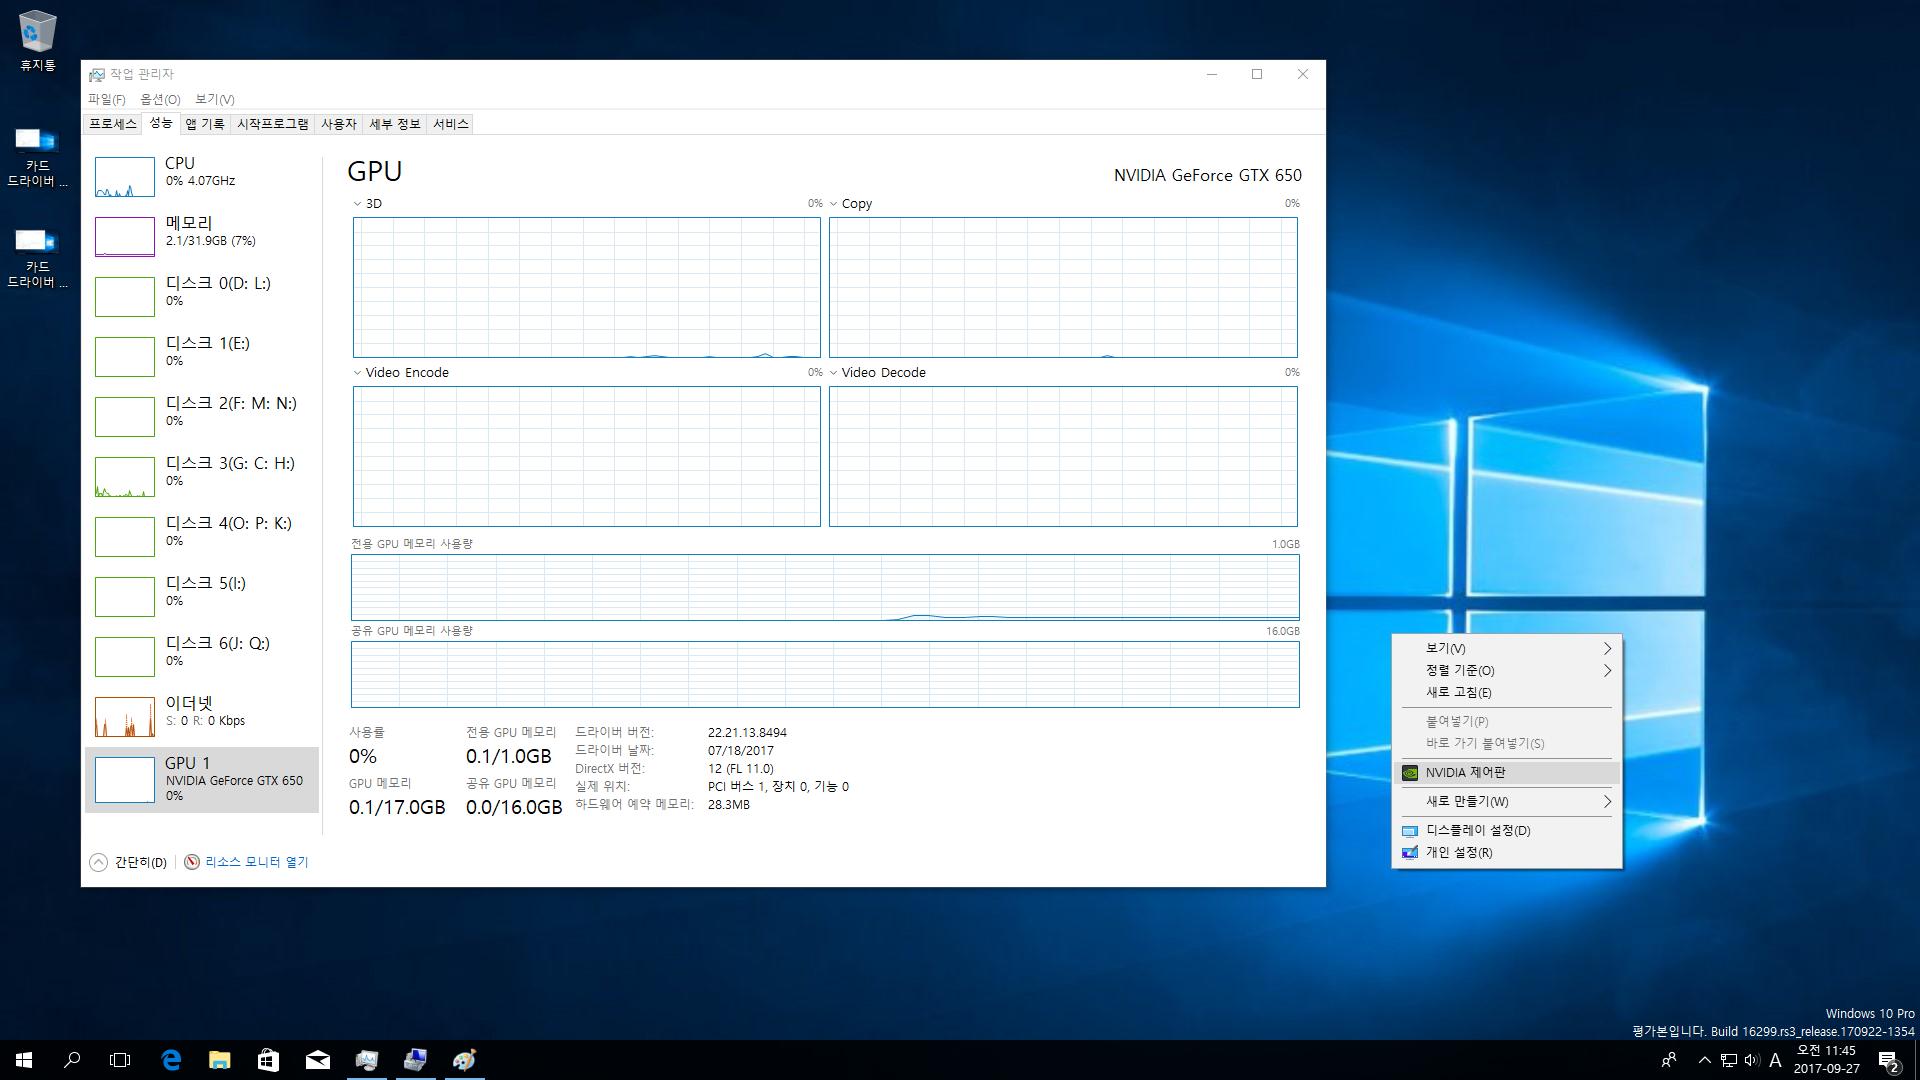 윈도10 레드스톤3 인사이더 프리뷰 16299 빌드 나왔네요 - 그래픽카드 GPU 사용률 확인하기 위하여 실컴에 설치 테스트 - GPU는 안 나오네요- 드라이버 설치해야 할 듯 하네요- 역시 그래픽카드 설치 해야 GPU 사용률이 생기네요 - 실컴 테스트 완료.png